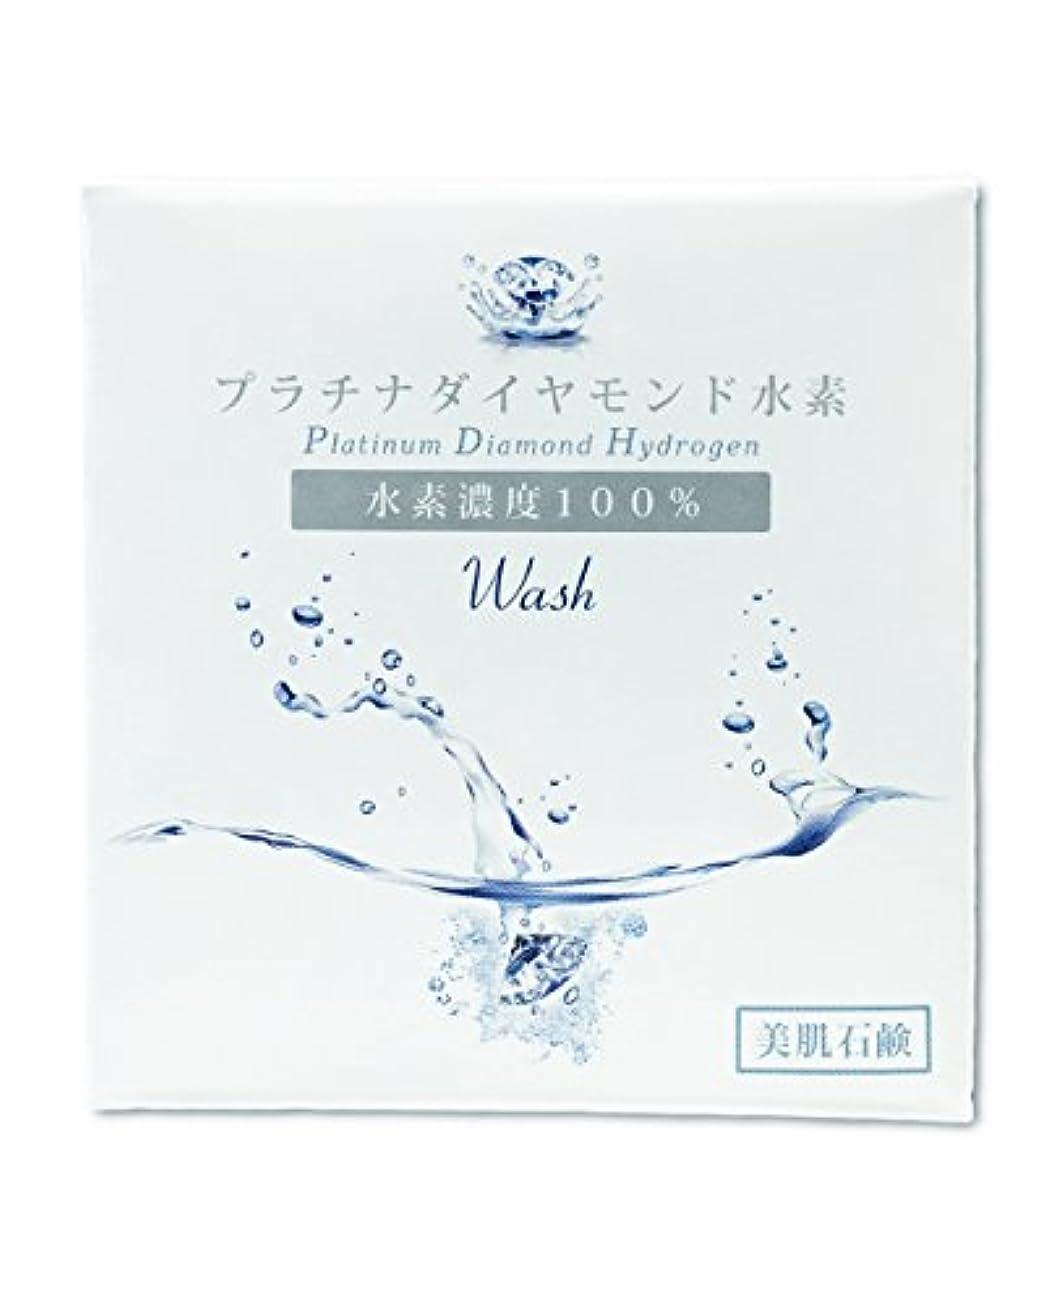 征服するふざけたさらに水素石鹸 プラチナダイヤモンド水素Wash